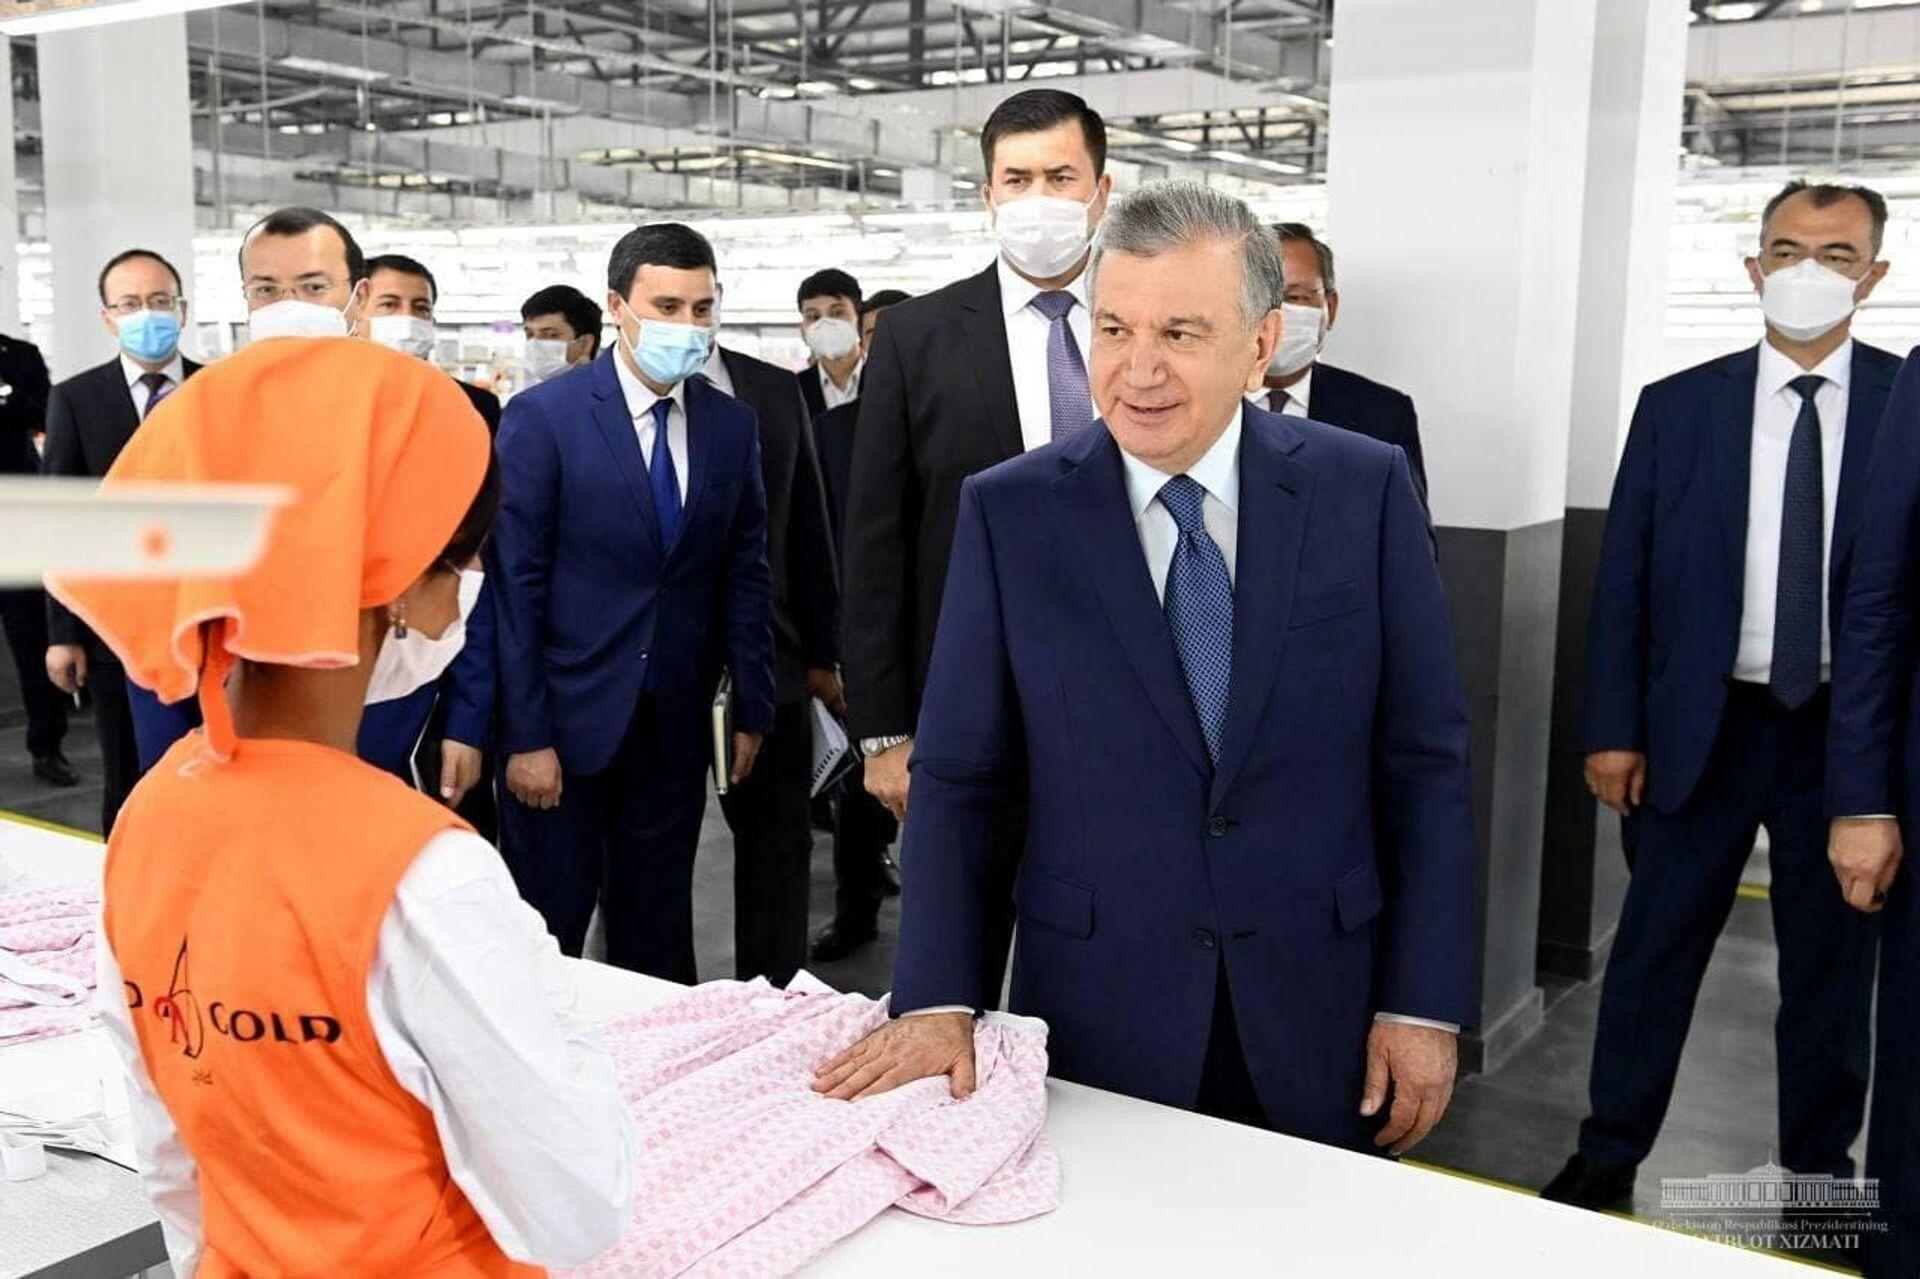 Президент Узбекистана посетил швейно-трикотажное предприятие And gold в Избасканском районе Андижанской области - Sputnik Узбекистан, 1920, 17.06.2021